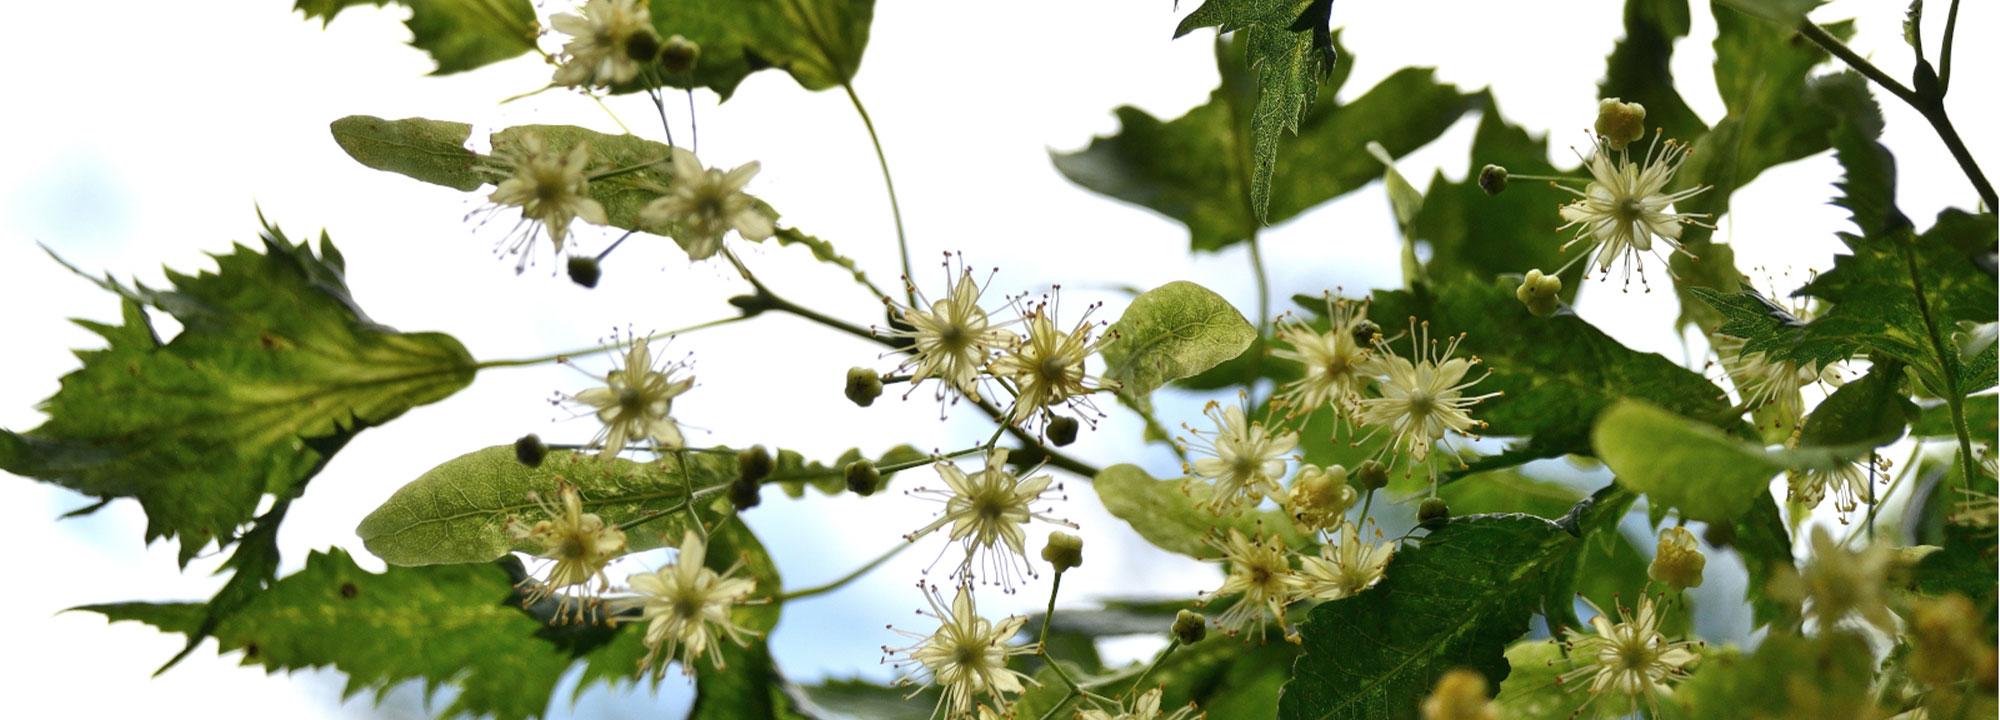 Tilleul à grandes feuilles laciniées, Tilia platyphyllos 'Laciniata' © MNHN - S. Gerbault